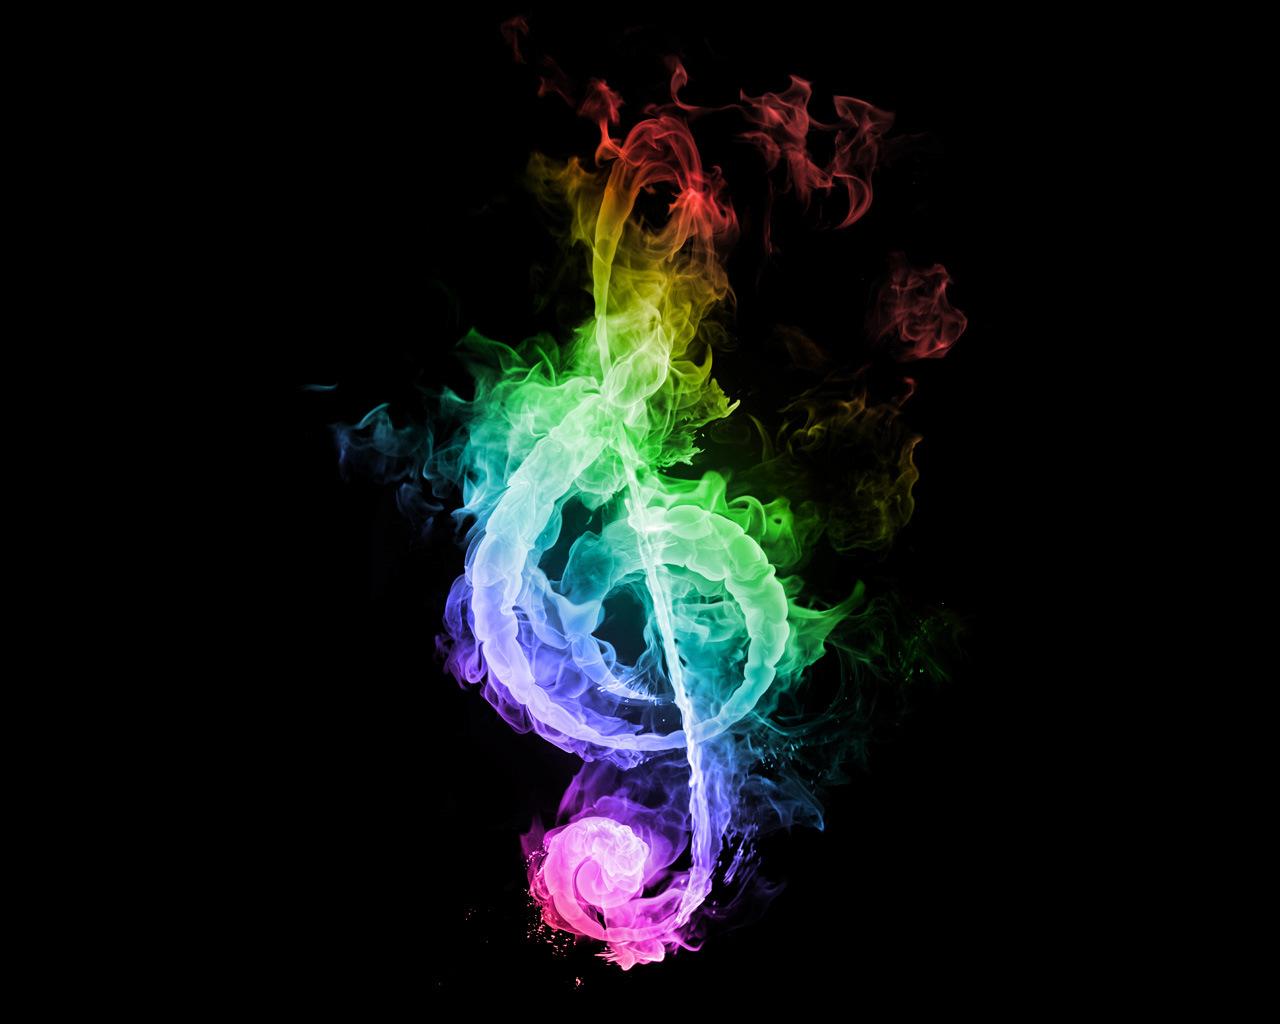 Hình ảnh khói nốt nhạc